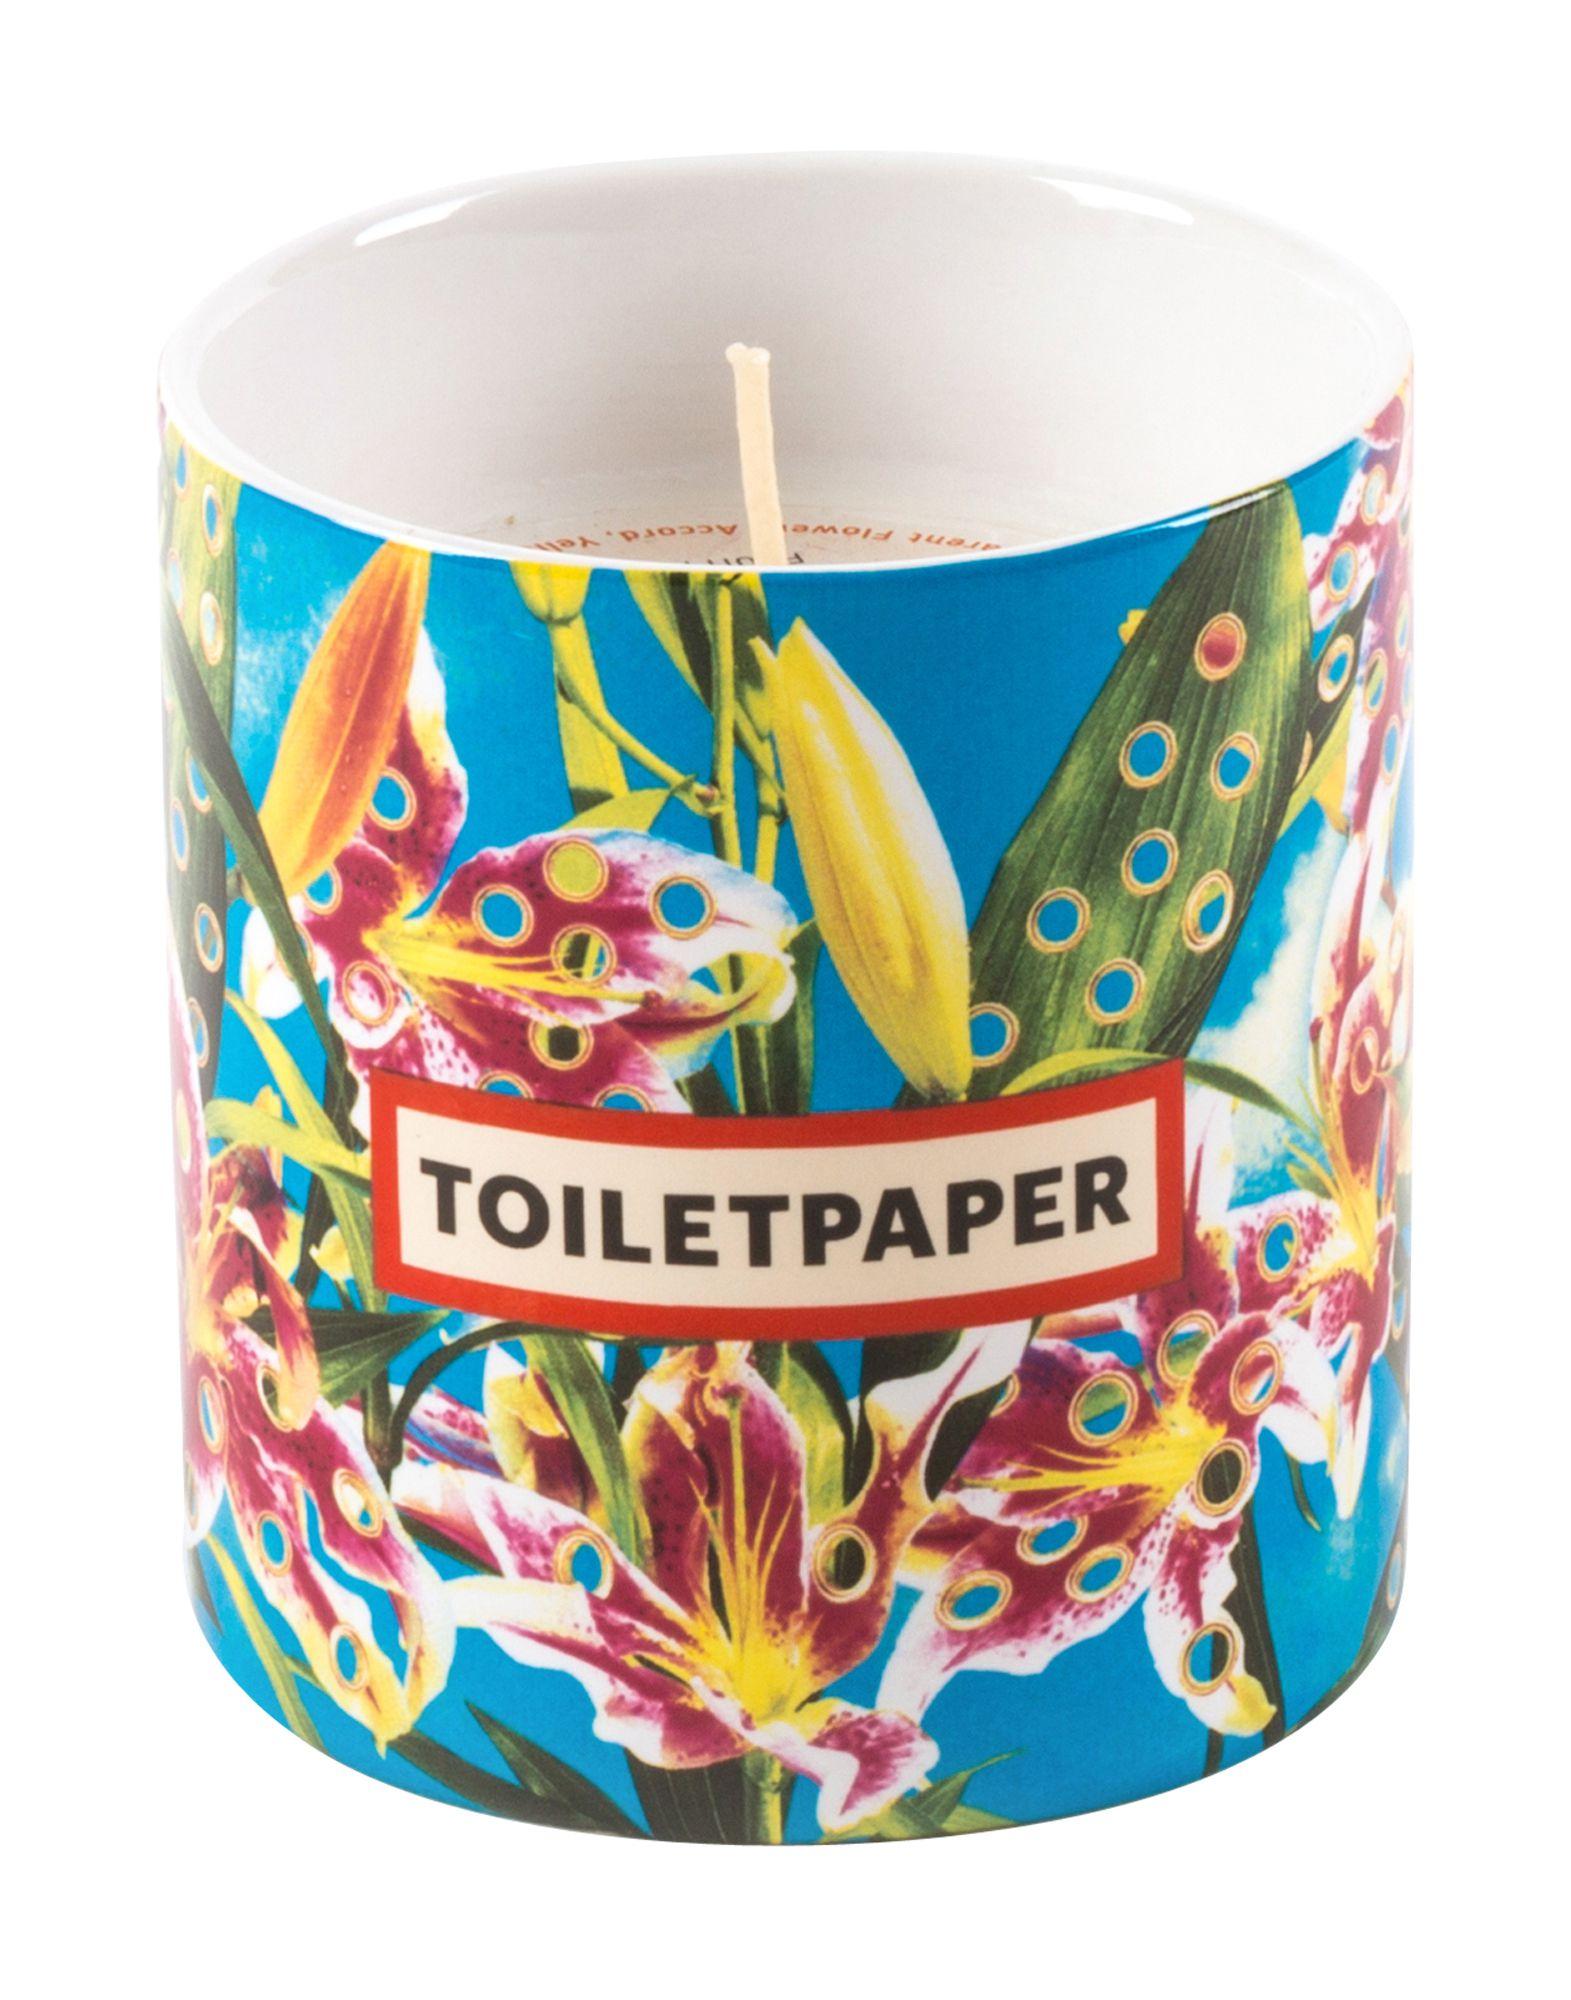 Фото - SELETTI WEARS TOILETPAPER Свеча seletti wears toiletpaper поднос